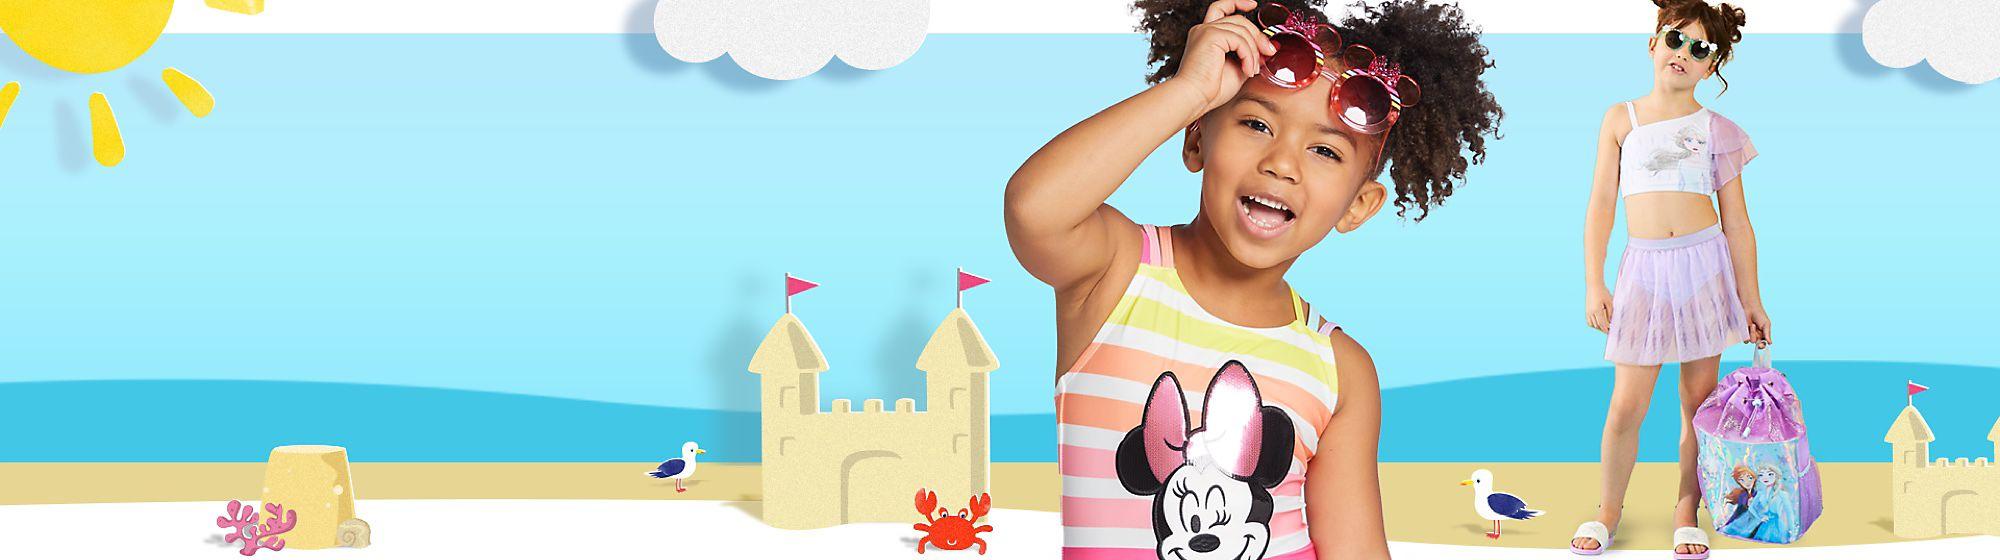 Borse e accessori bambini Una gamma di borse e accessori per portare sempre con sé la magia Disney: zaini, occhiali da sole, cappelli e tanto altro